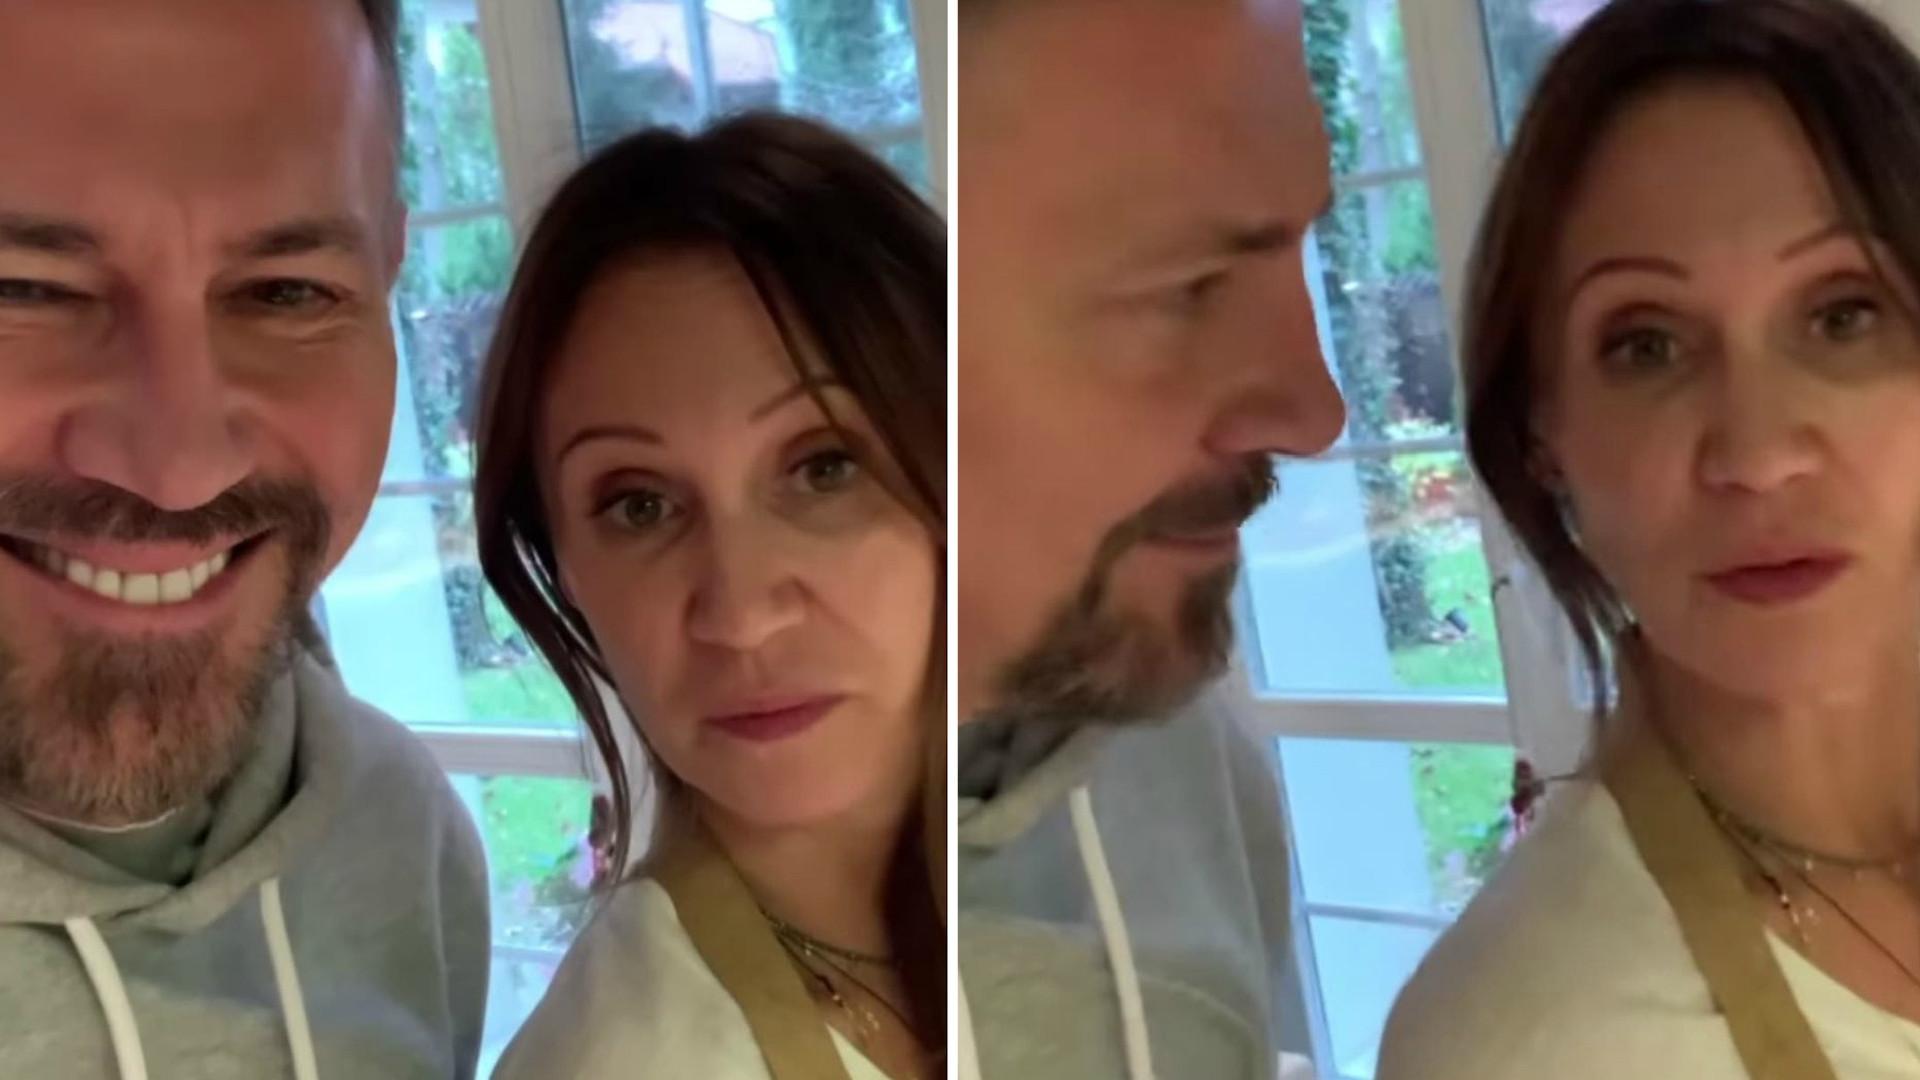 """Krzysztof Ibisz relacjonuje wizytę u byłej ŻONY. """"Wpadłem do Ex na obiad"""""""